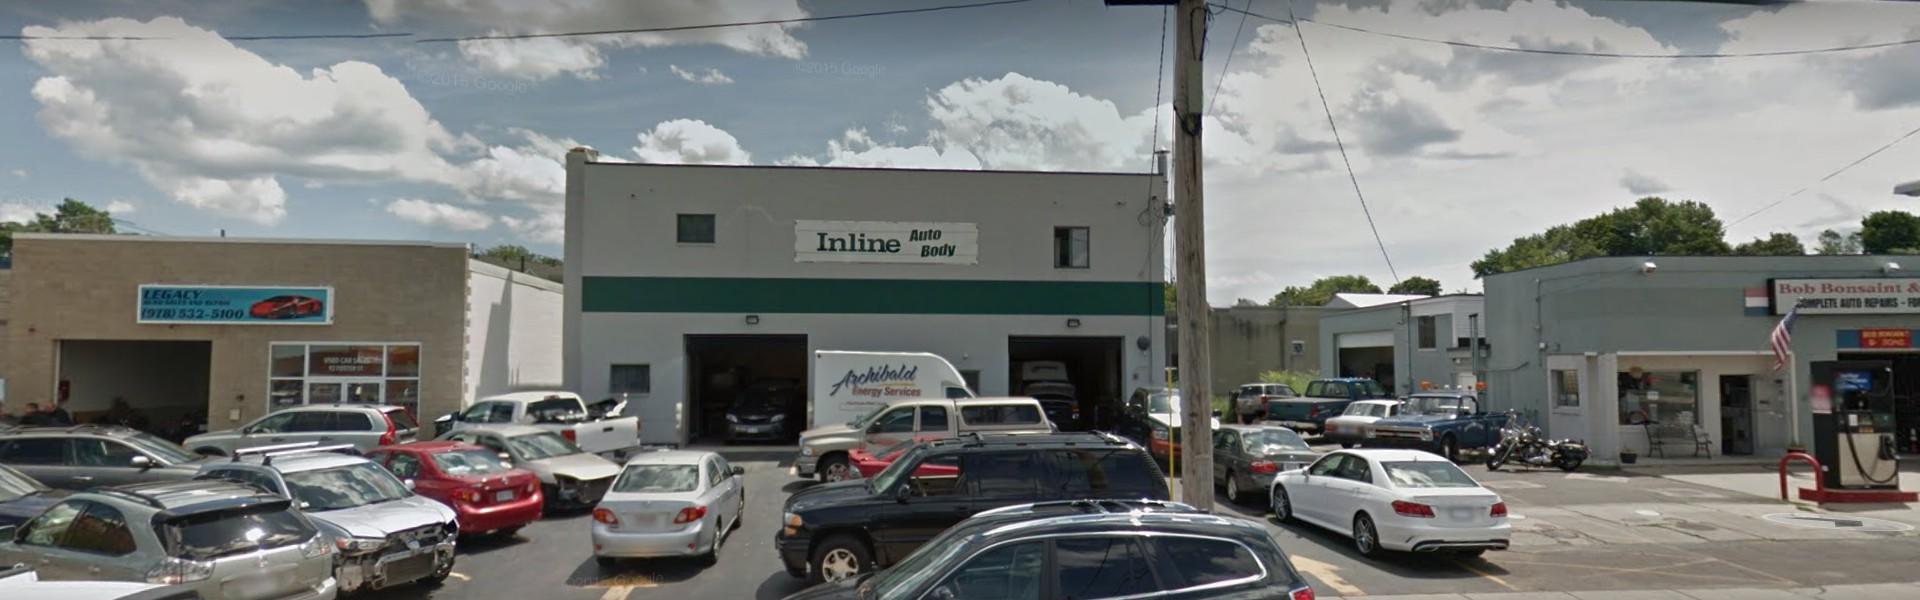 Inline Auto body Inc.